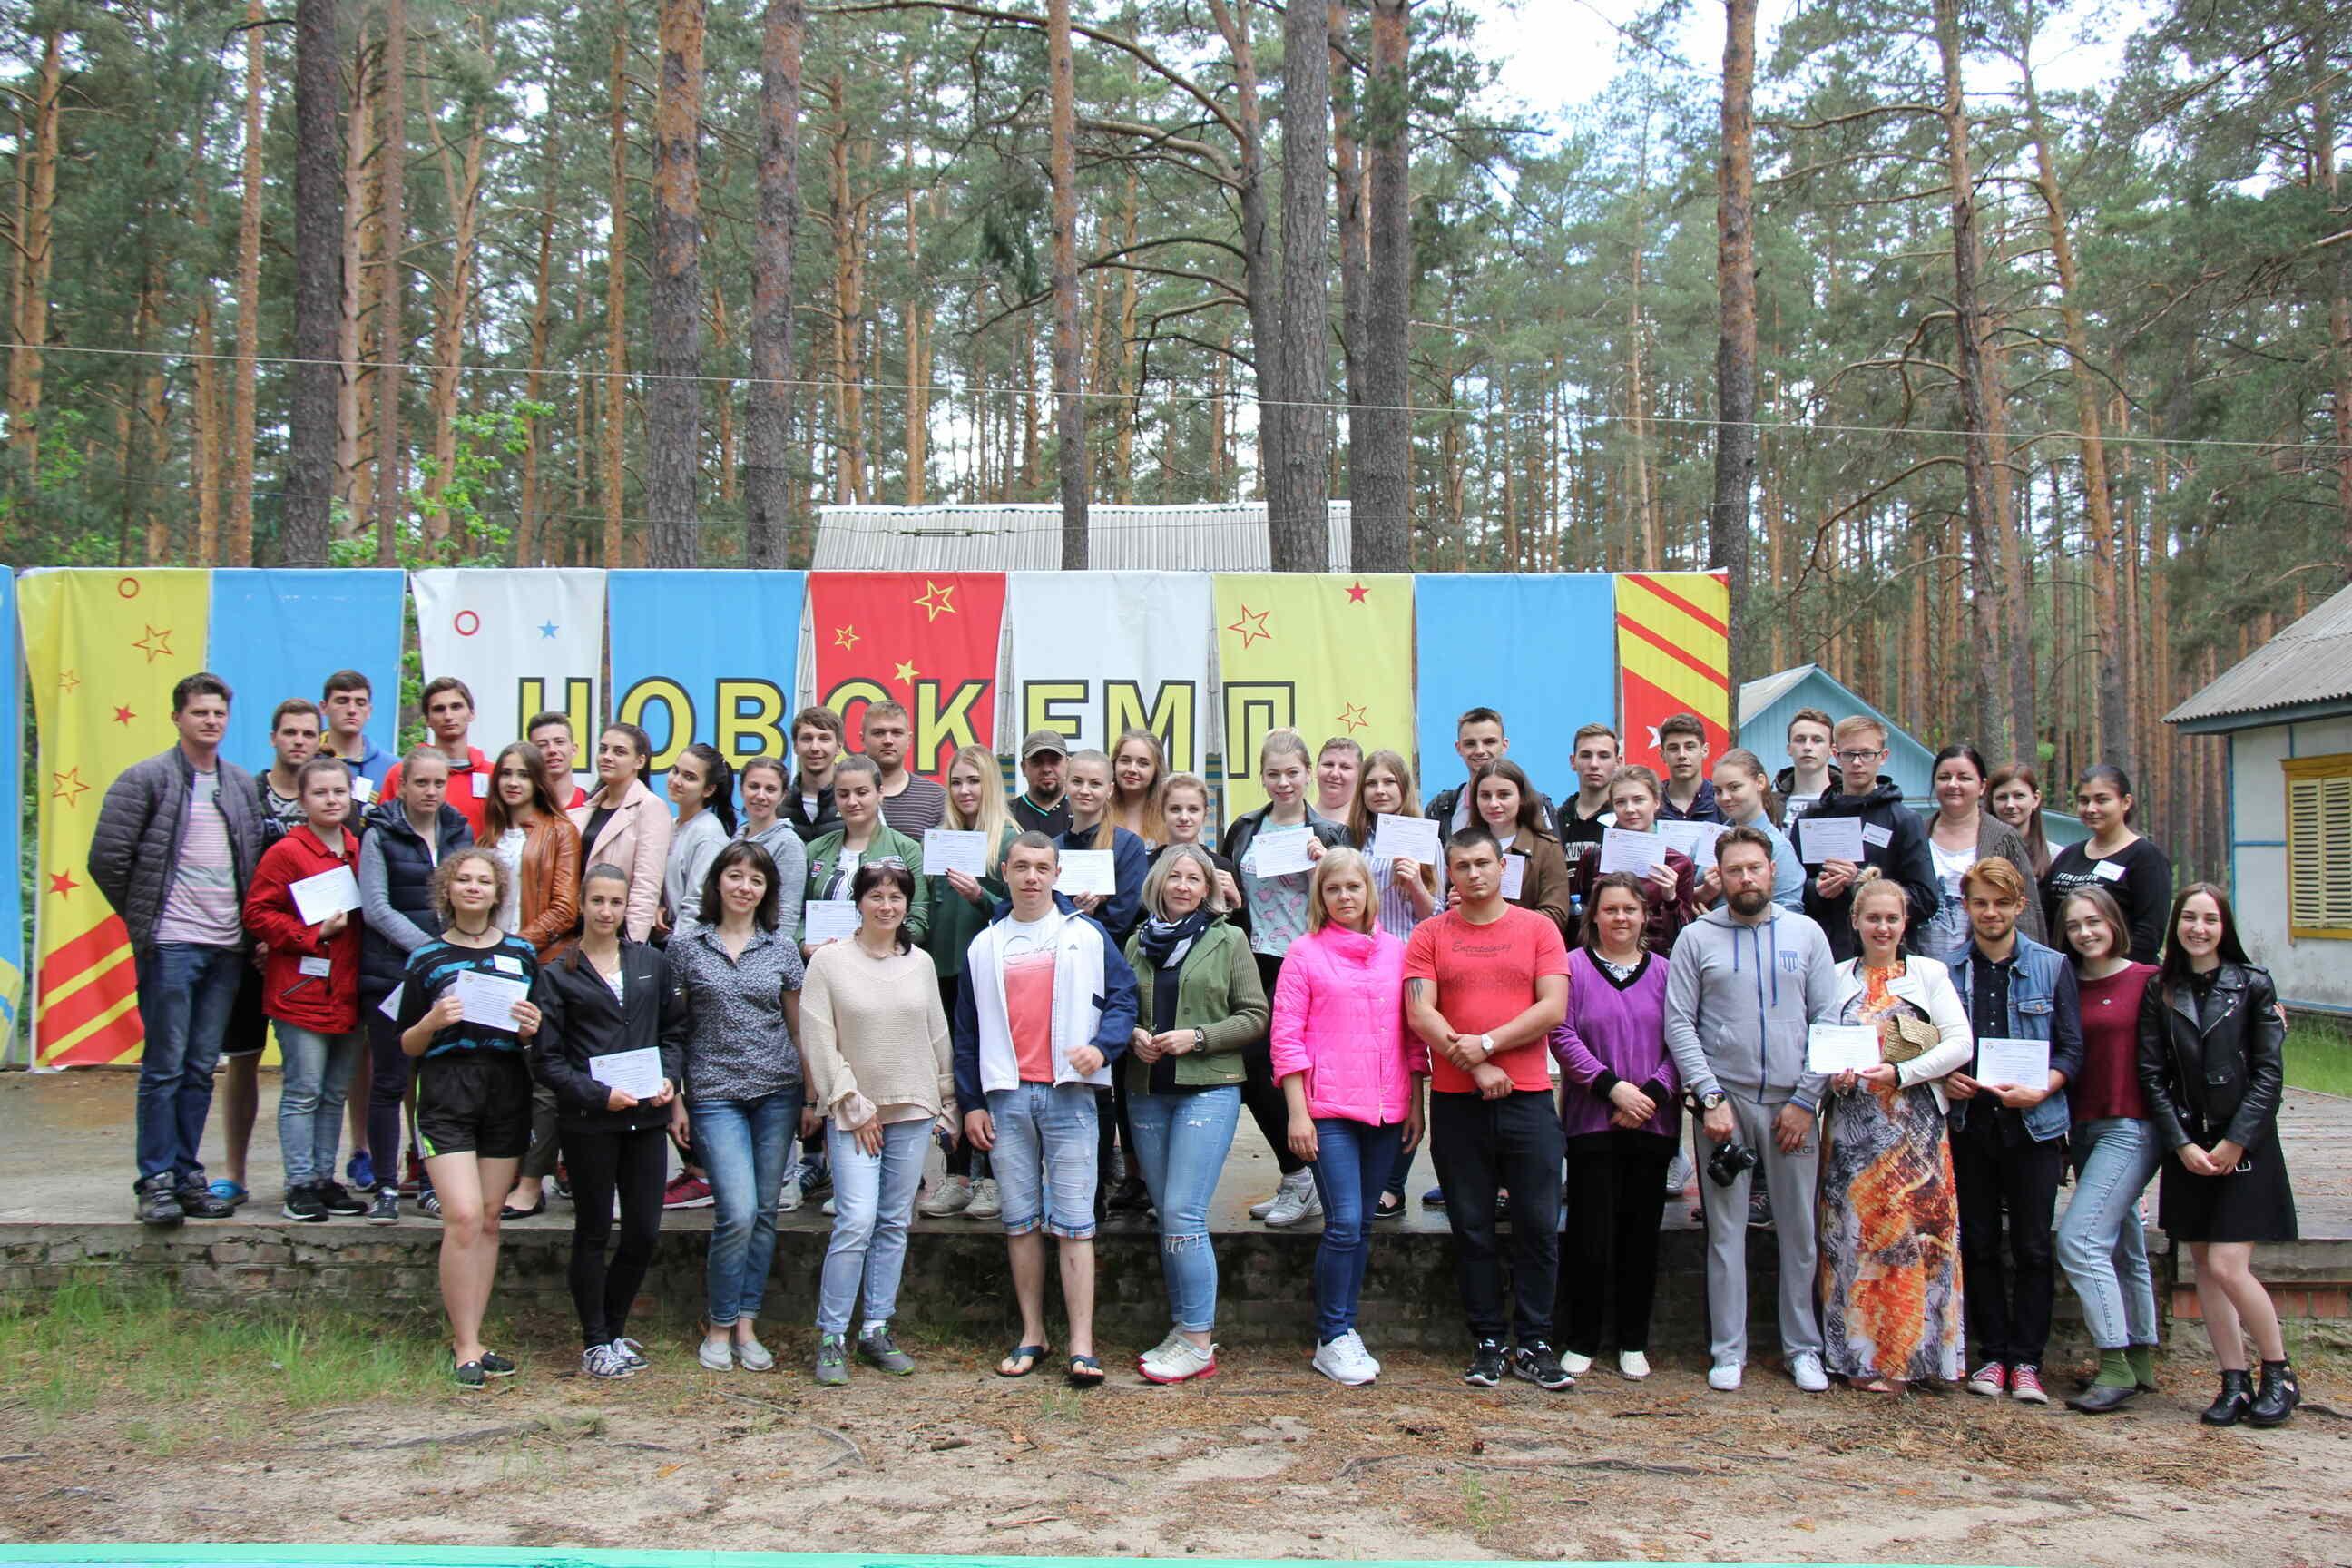 В летнем лагере «Новокемп» прошел семинар «Добровольцы – в действии!»